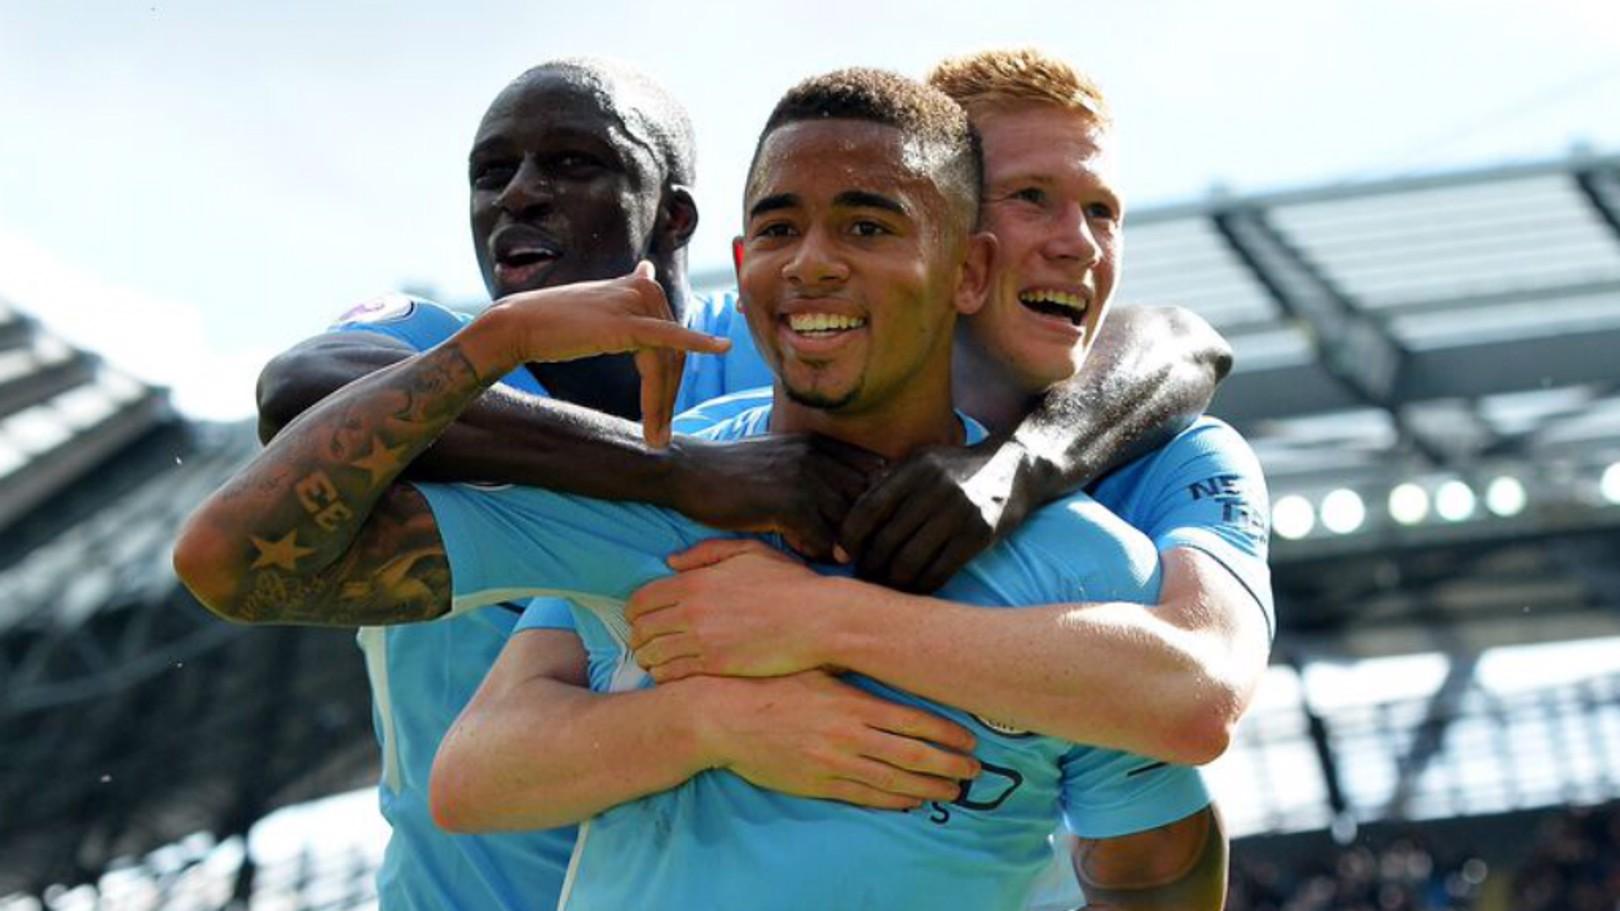 ALO MÃE: Gabriel Jesus célébrant l'un de ses buts face aux Reds.